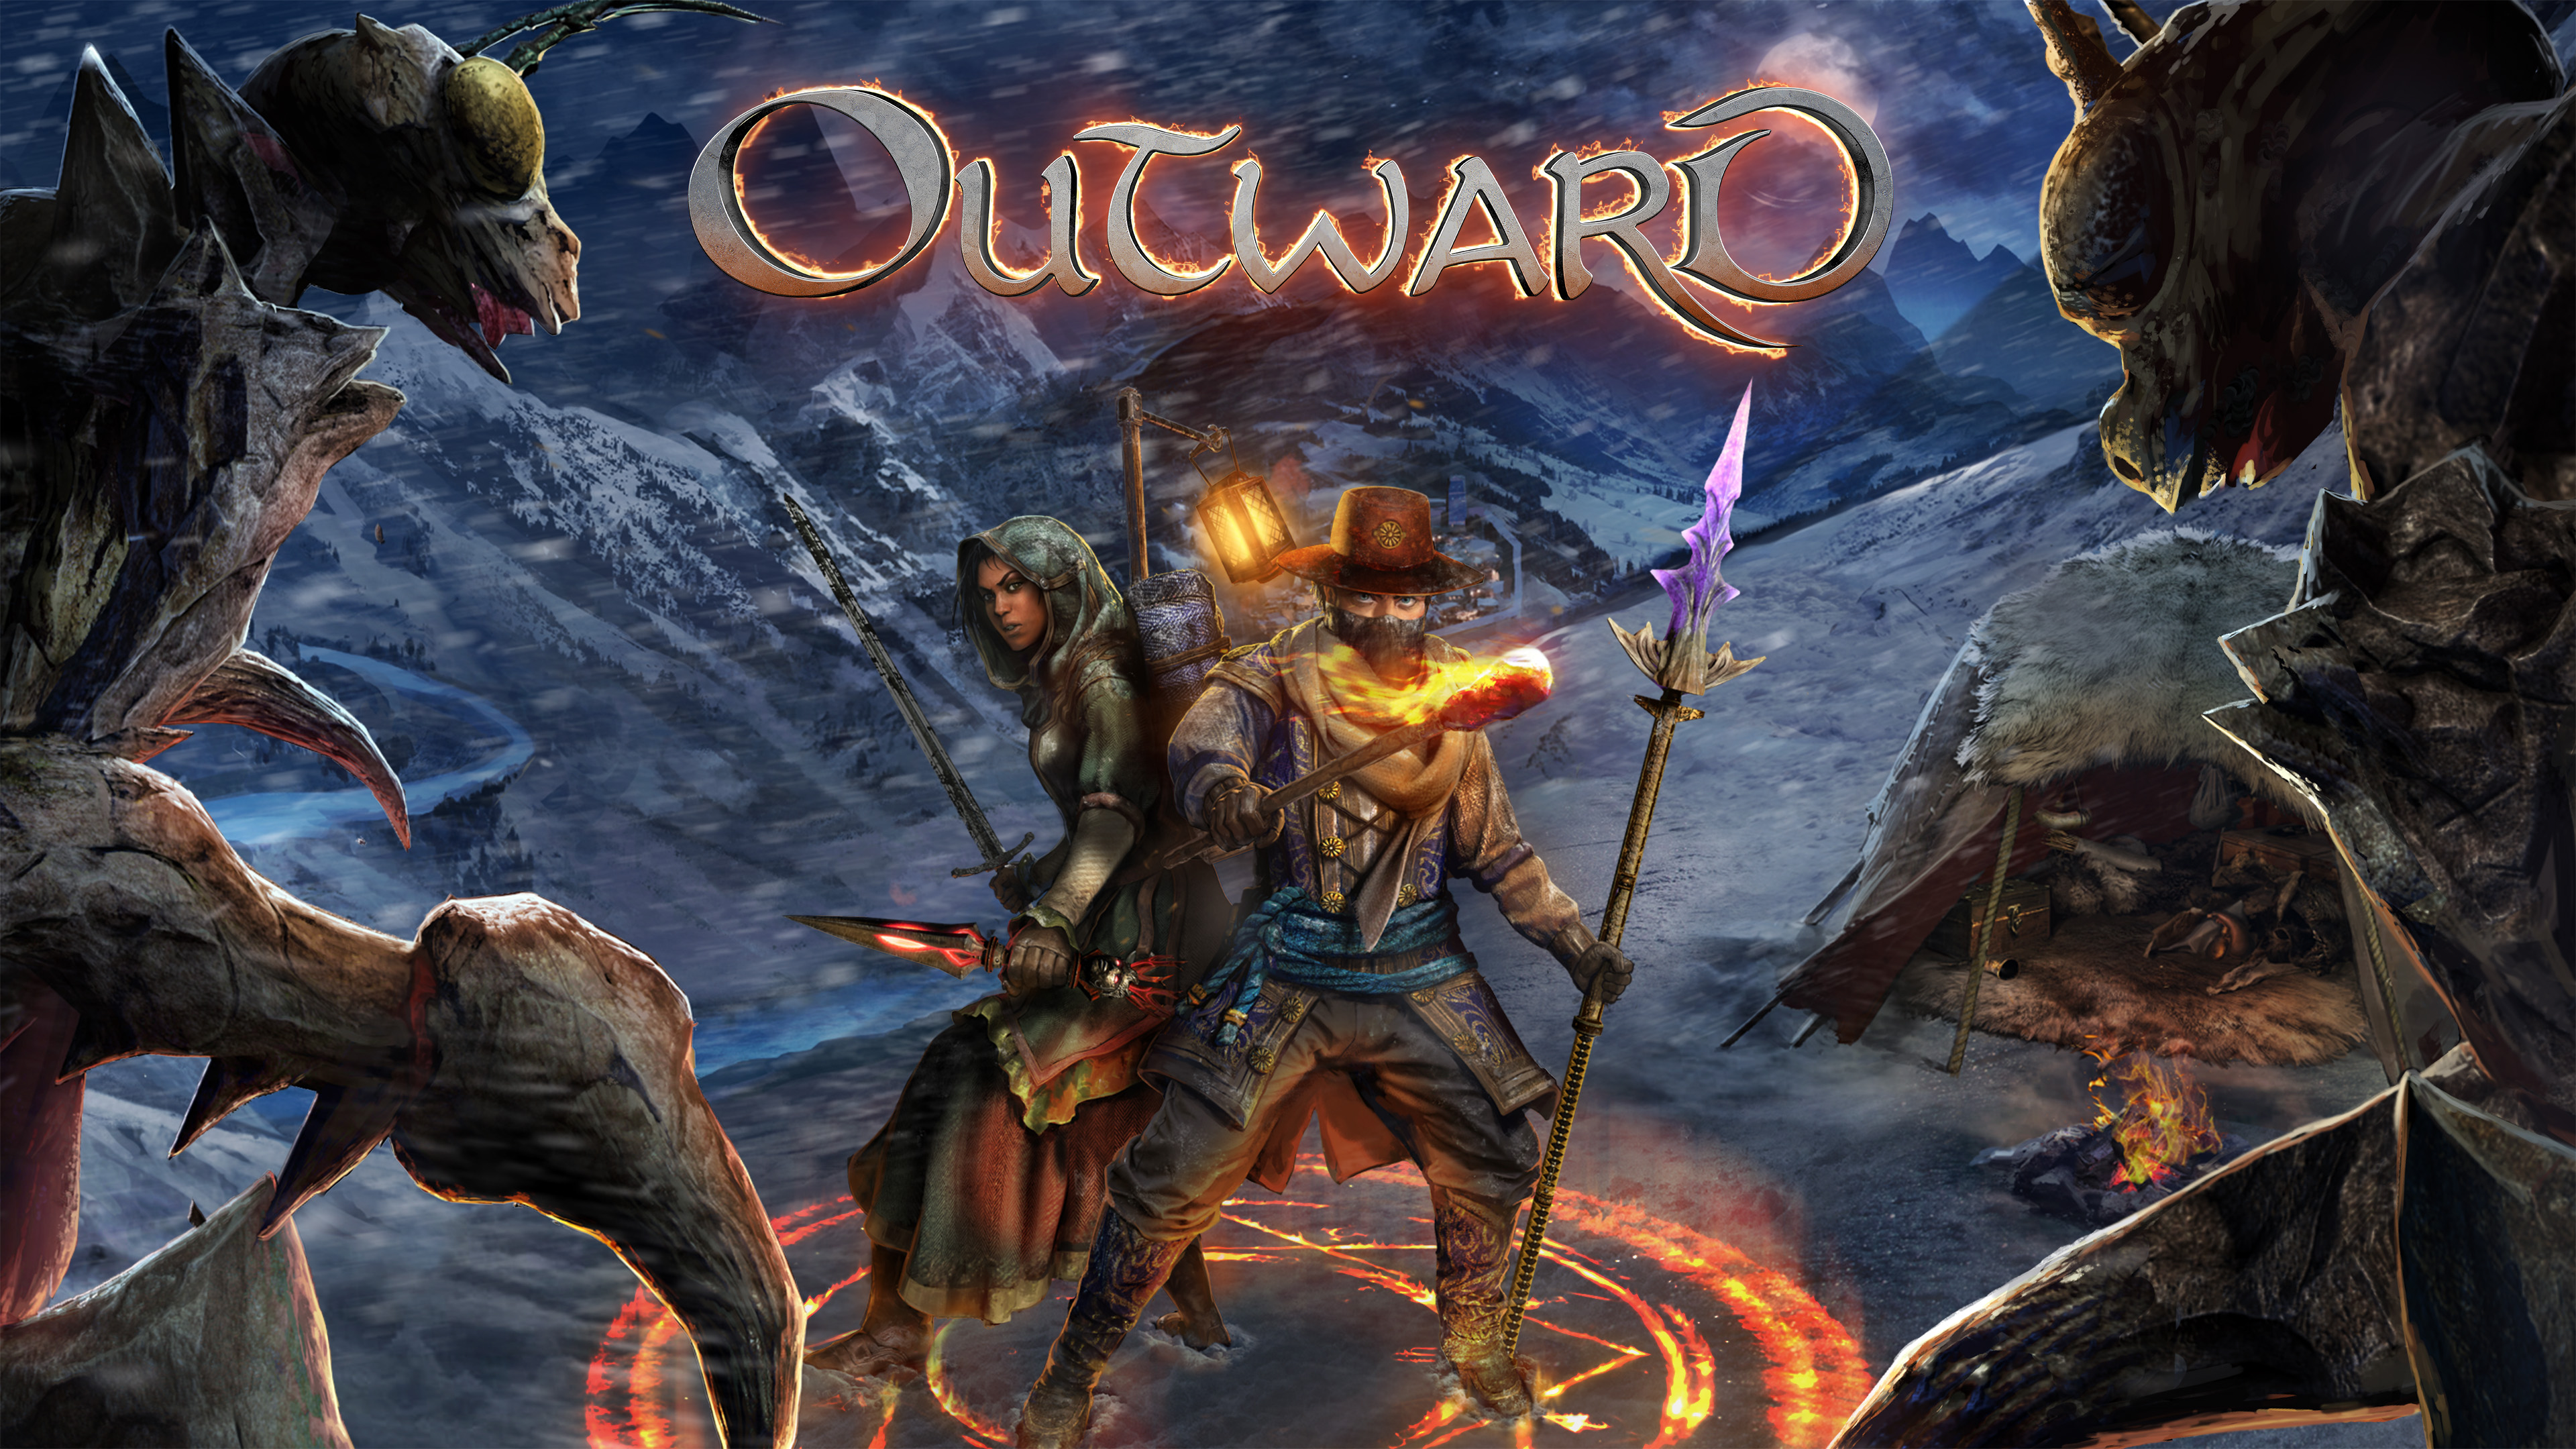 Outward разошлась тиражом в 600 000 копий, официальный саундтрек поступил в продажу